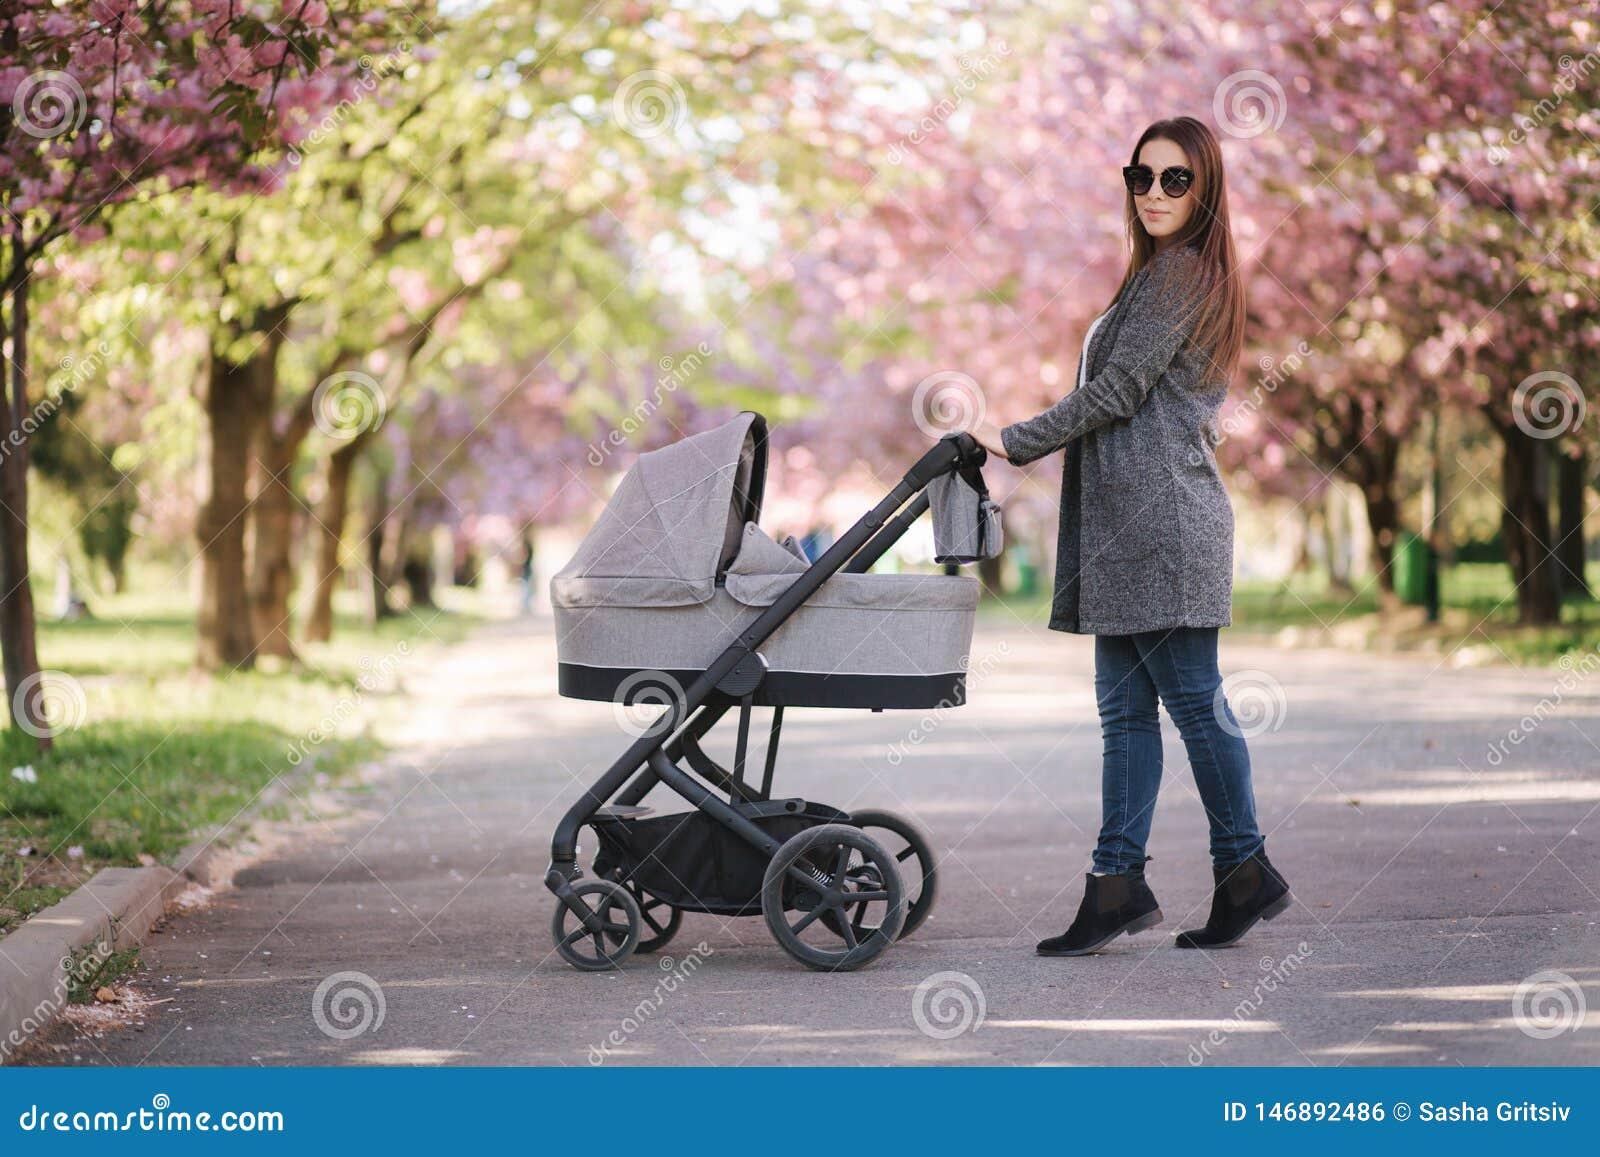 Ευτυχής περίπατος mom με την λίγο κοριτσάκι στον περιπατητή Υπόβαθρο του ρόδινου δέντρου sakura